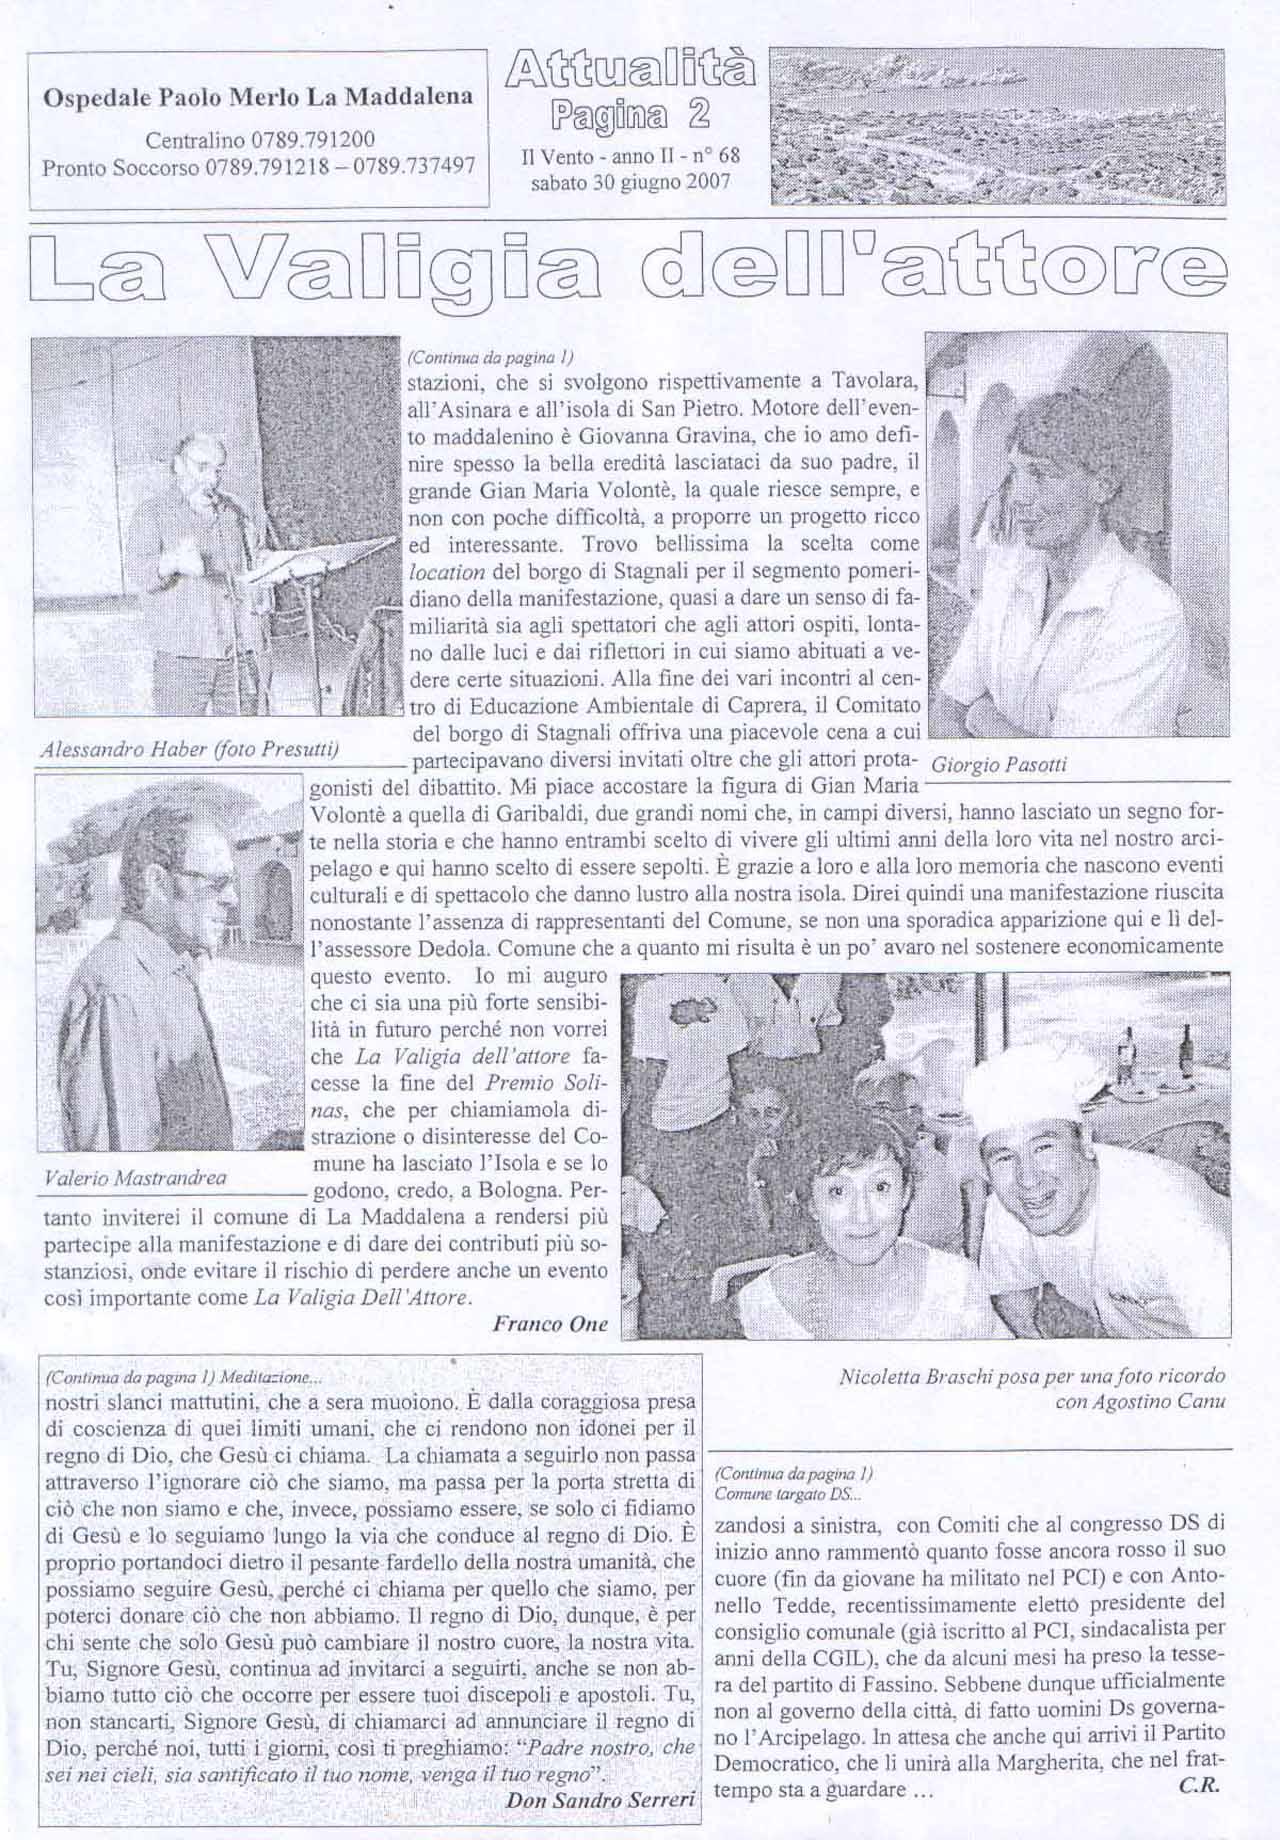 il vento (seconda pagina) 30 giugno 07